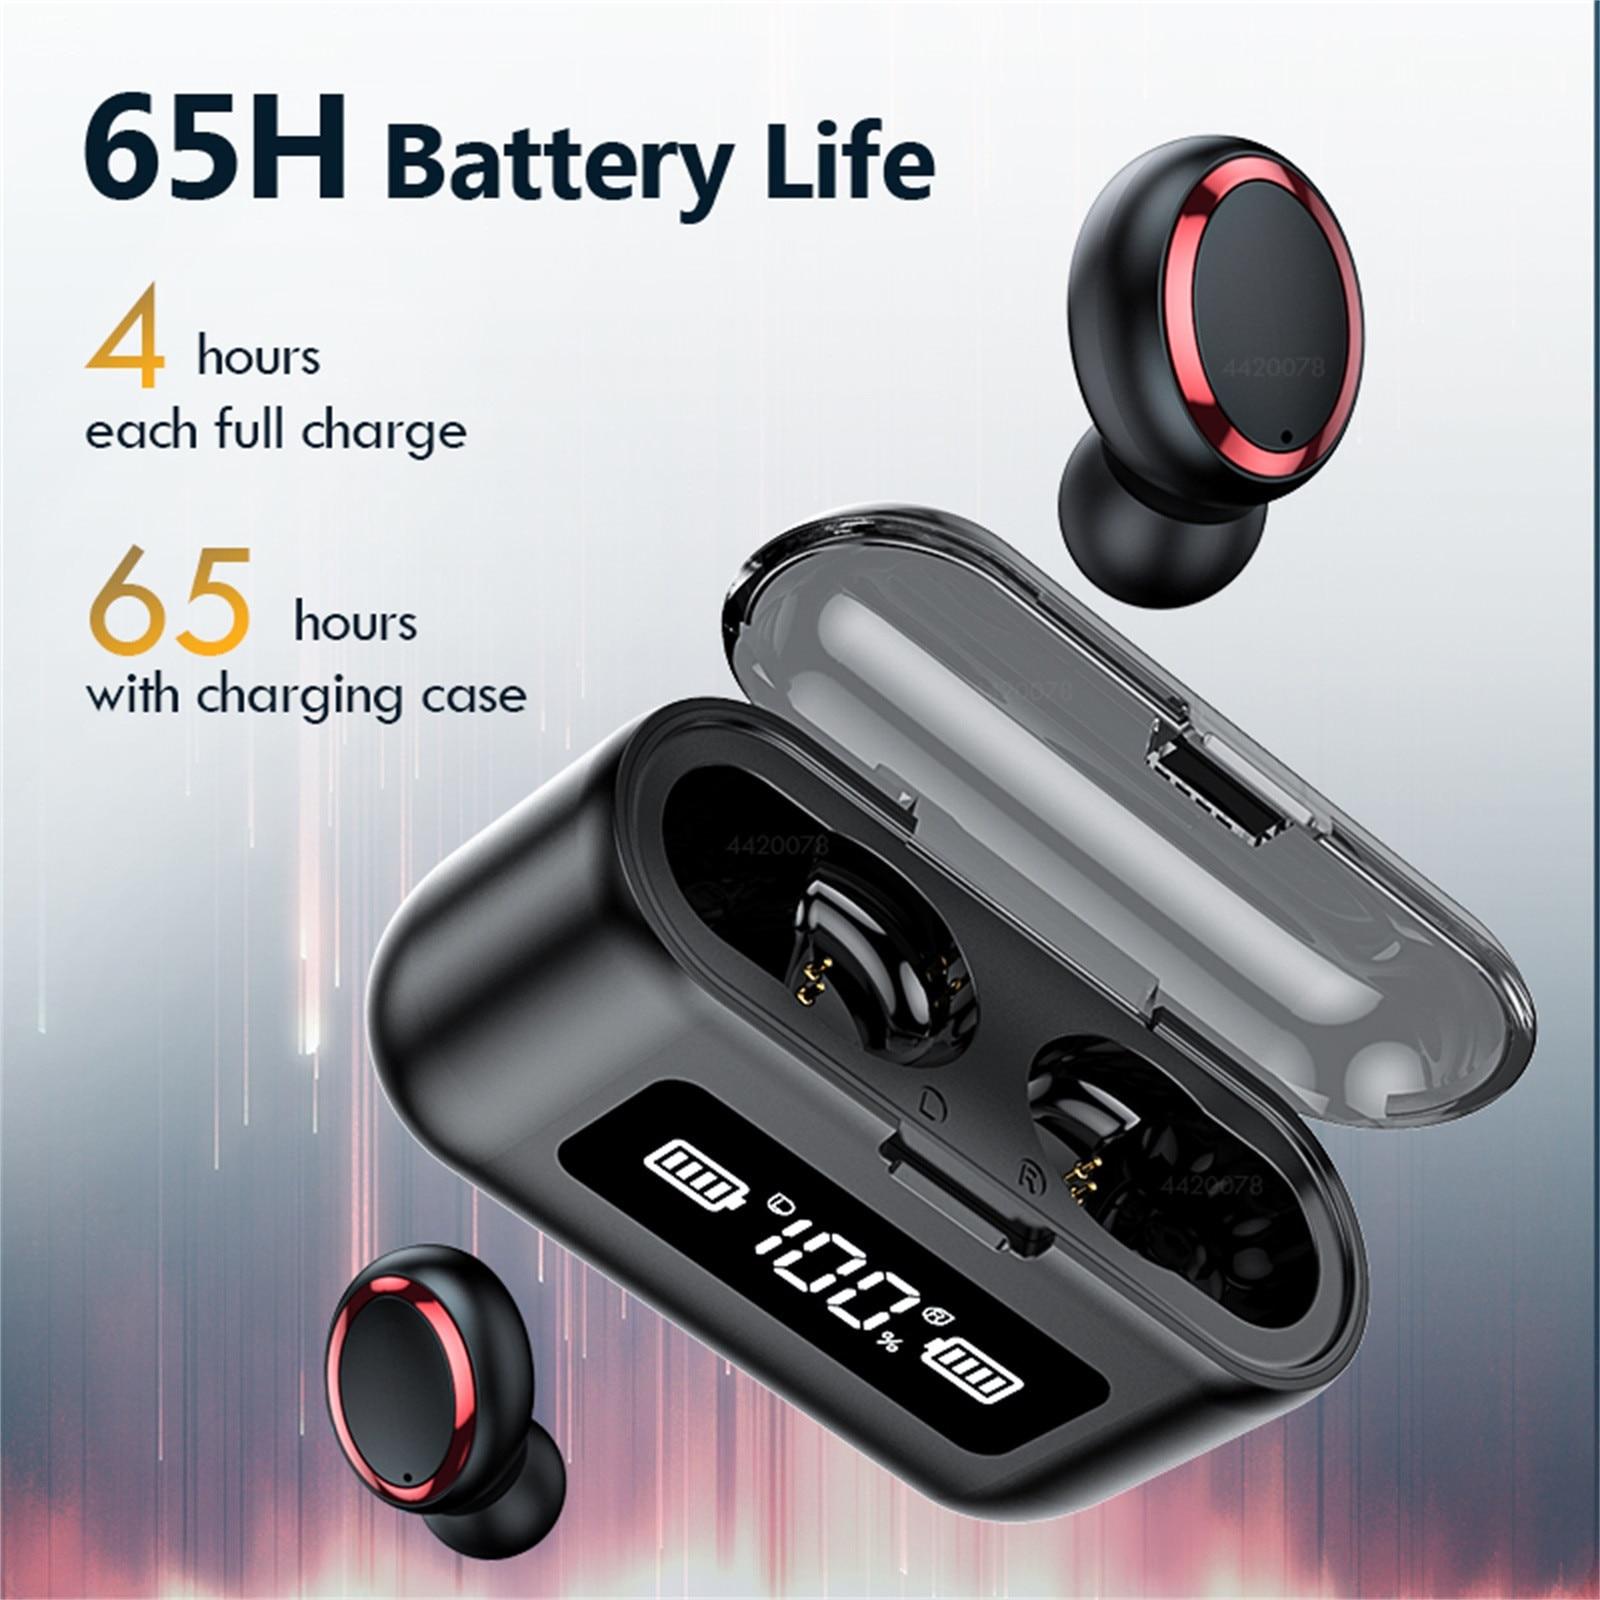 F9-281 sem fio mini fone de ouvido para apple xiaomi bluetooth 5.0 esporte caixa carregamento portátil fone para samsung huawei